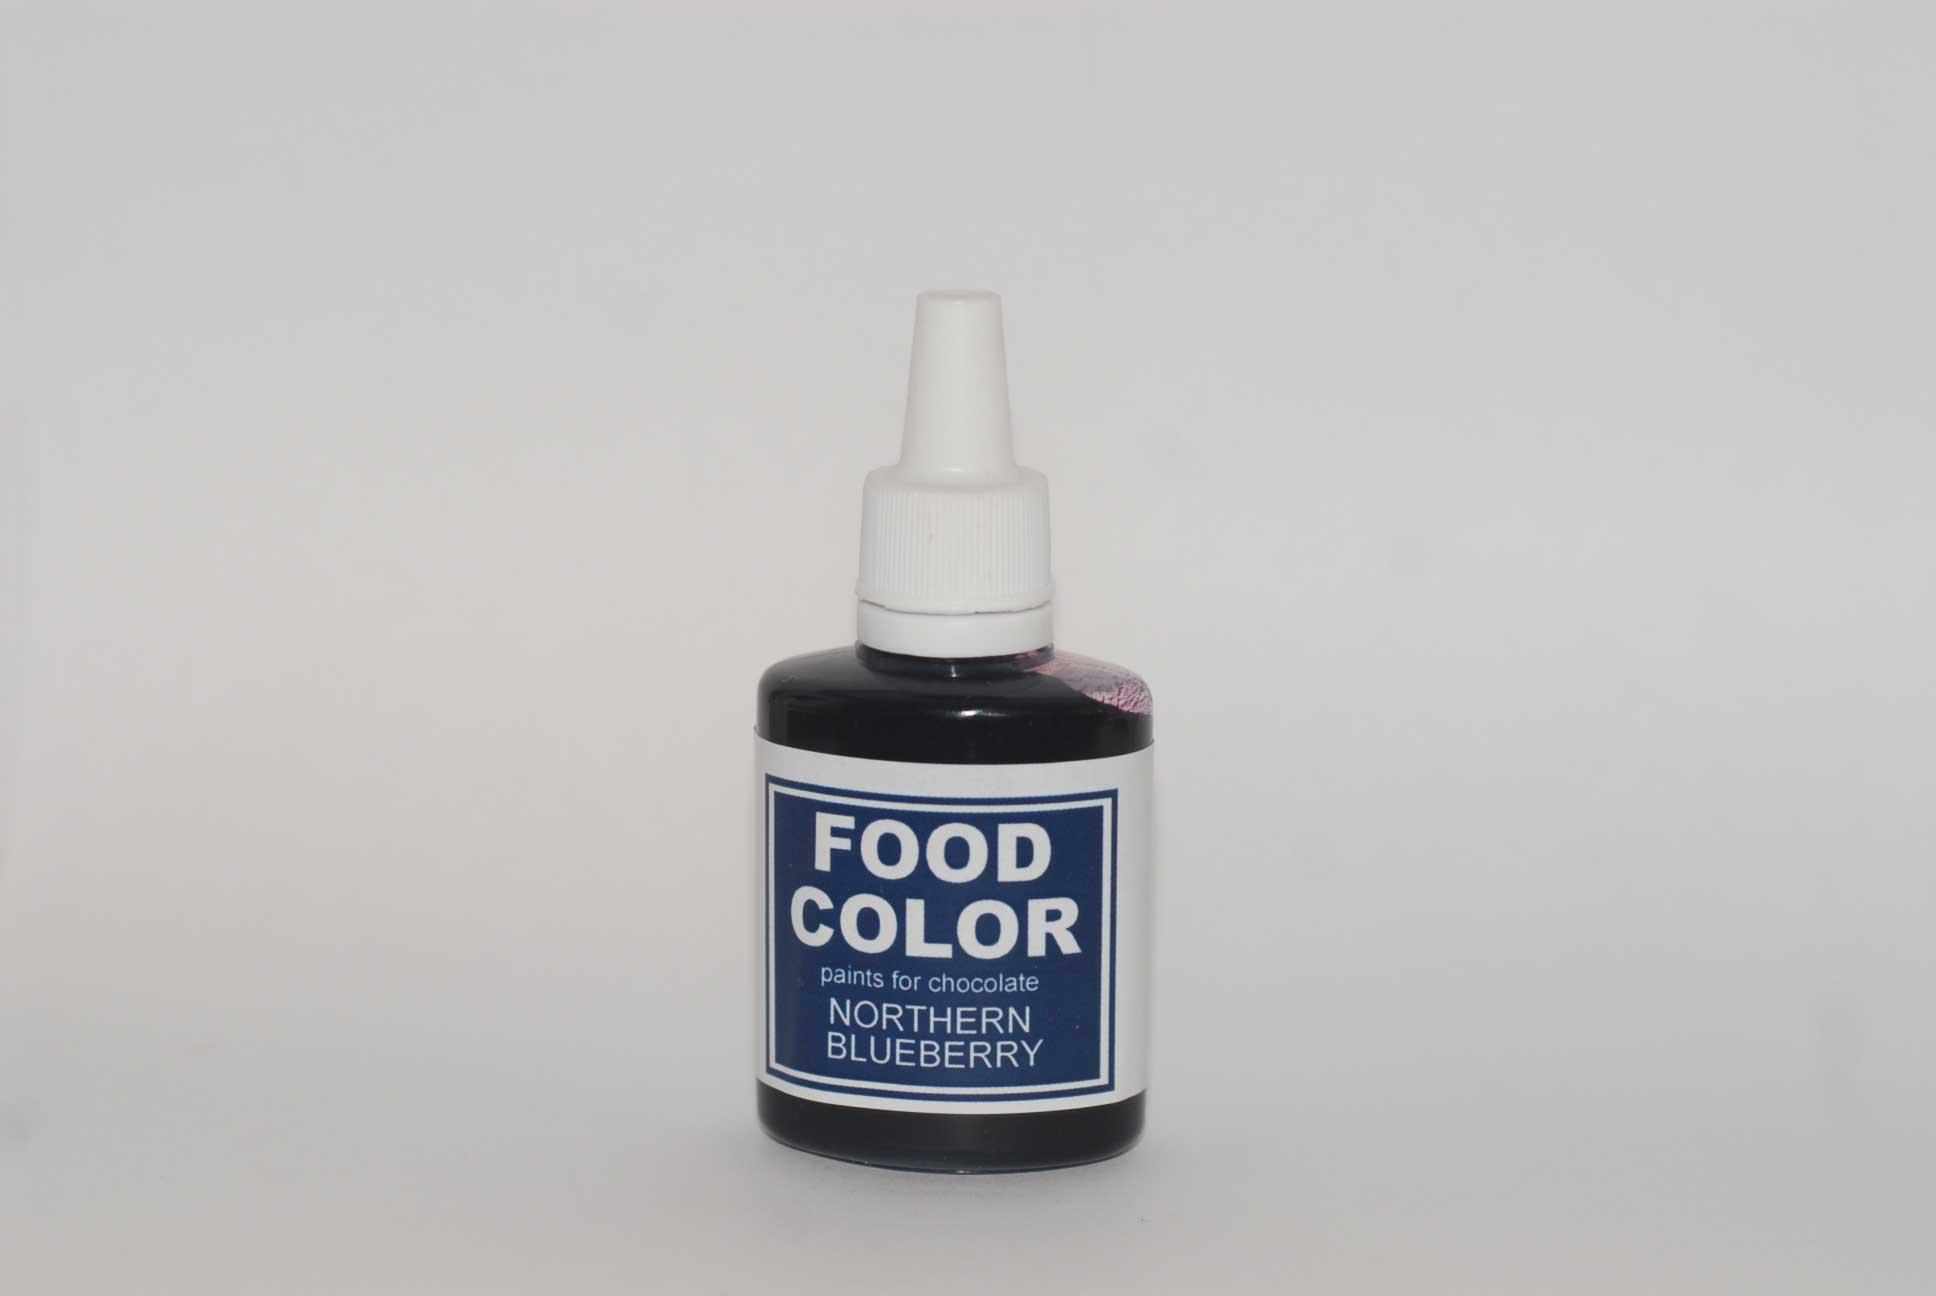 Краситель для шоколада FOOD COLOR Northern Blueberry / Северная Черника, 25 гр